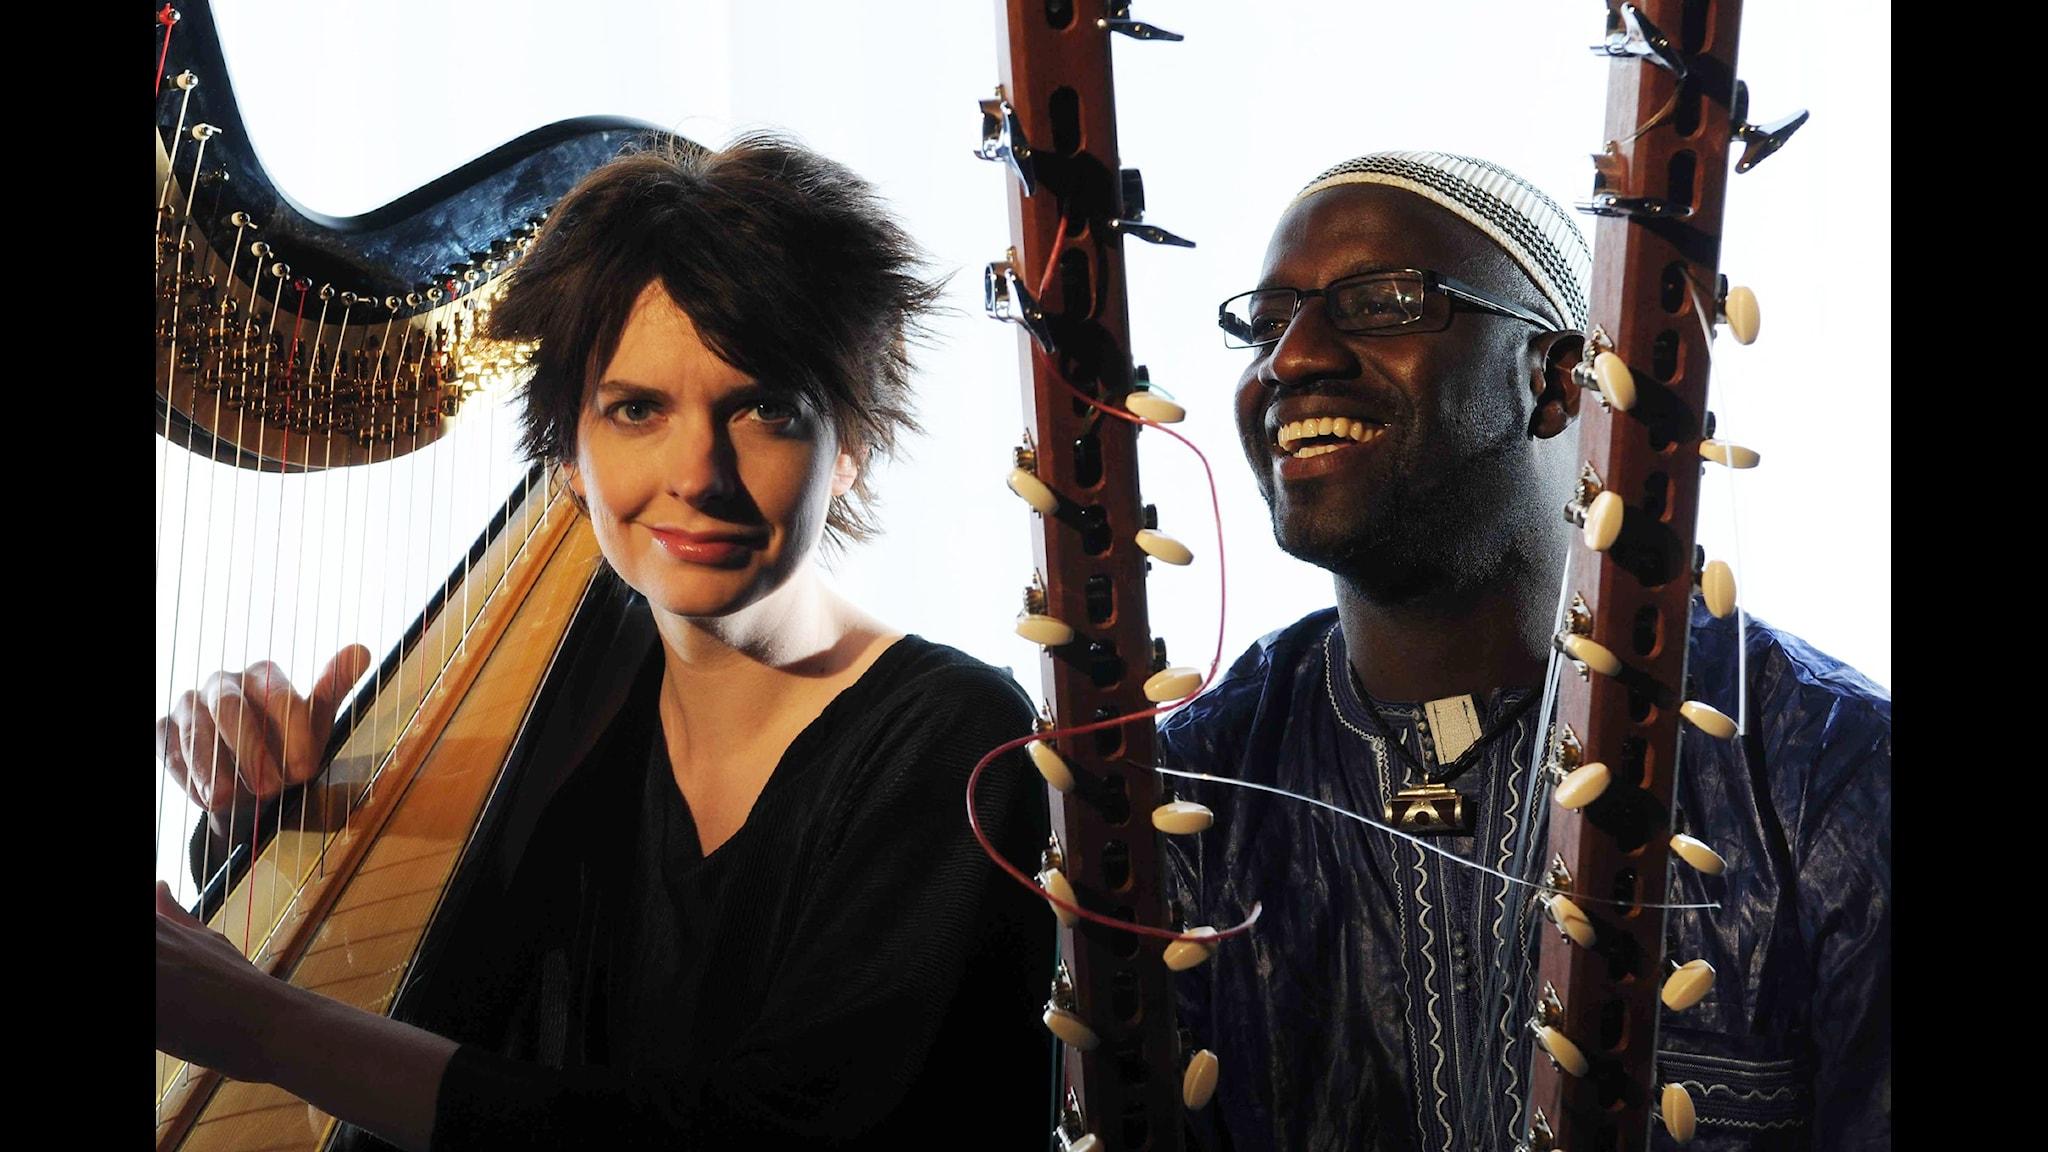 Catrin Finch och Seckou Keita   Foto: Josh Pulman (from catrinfinchandseckoukeita.com)